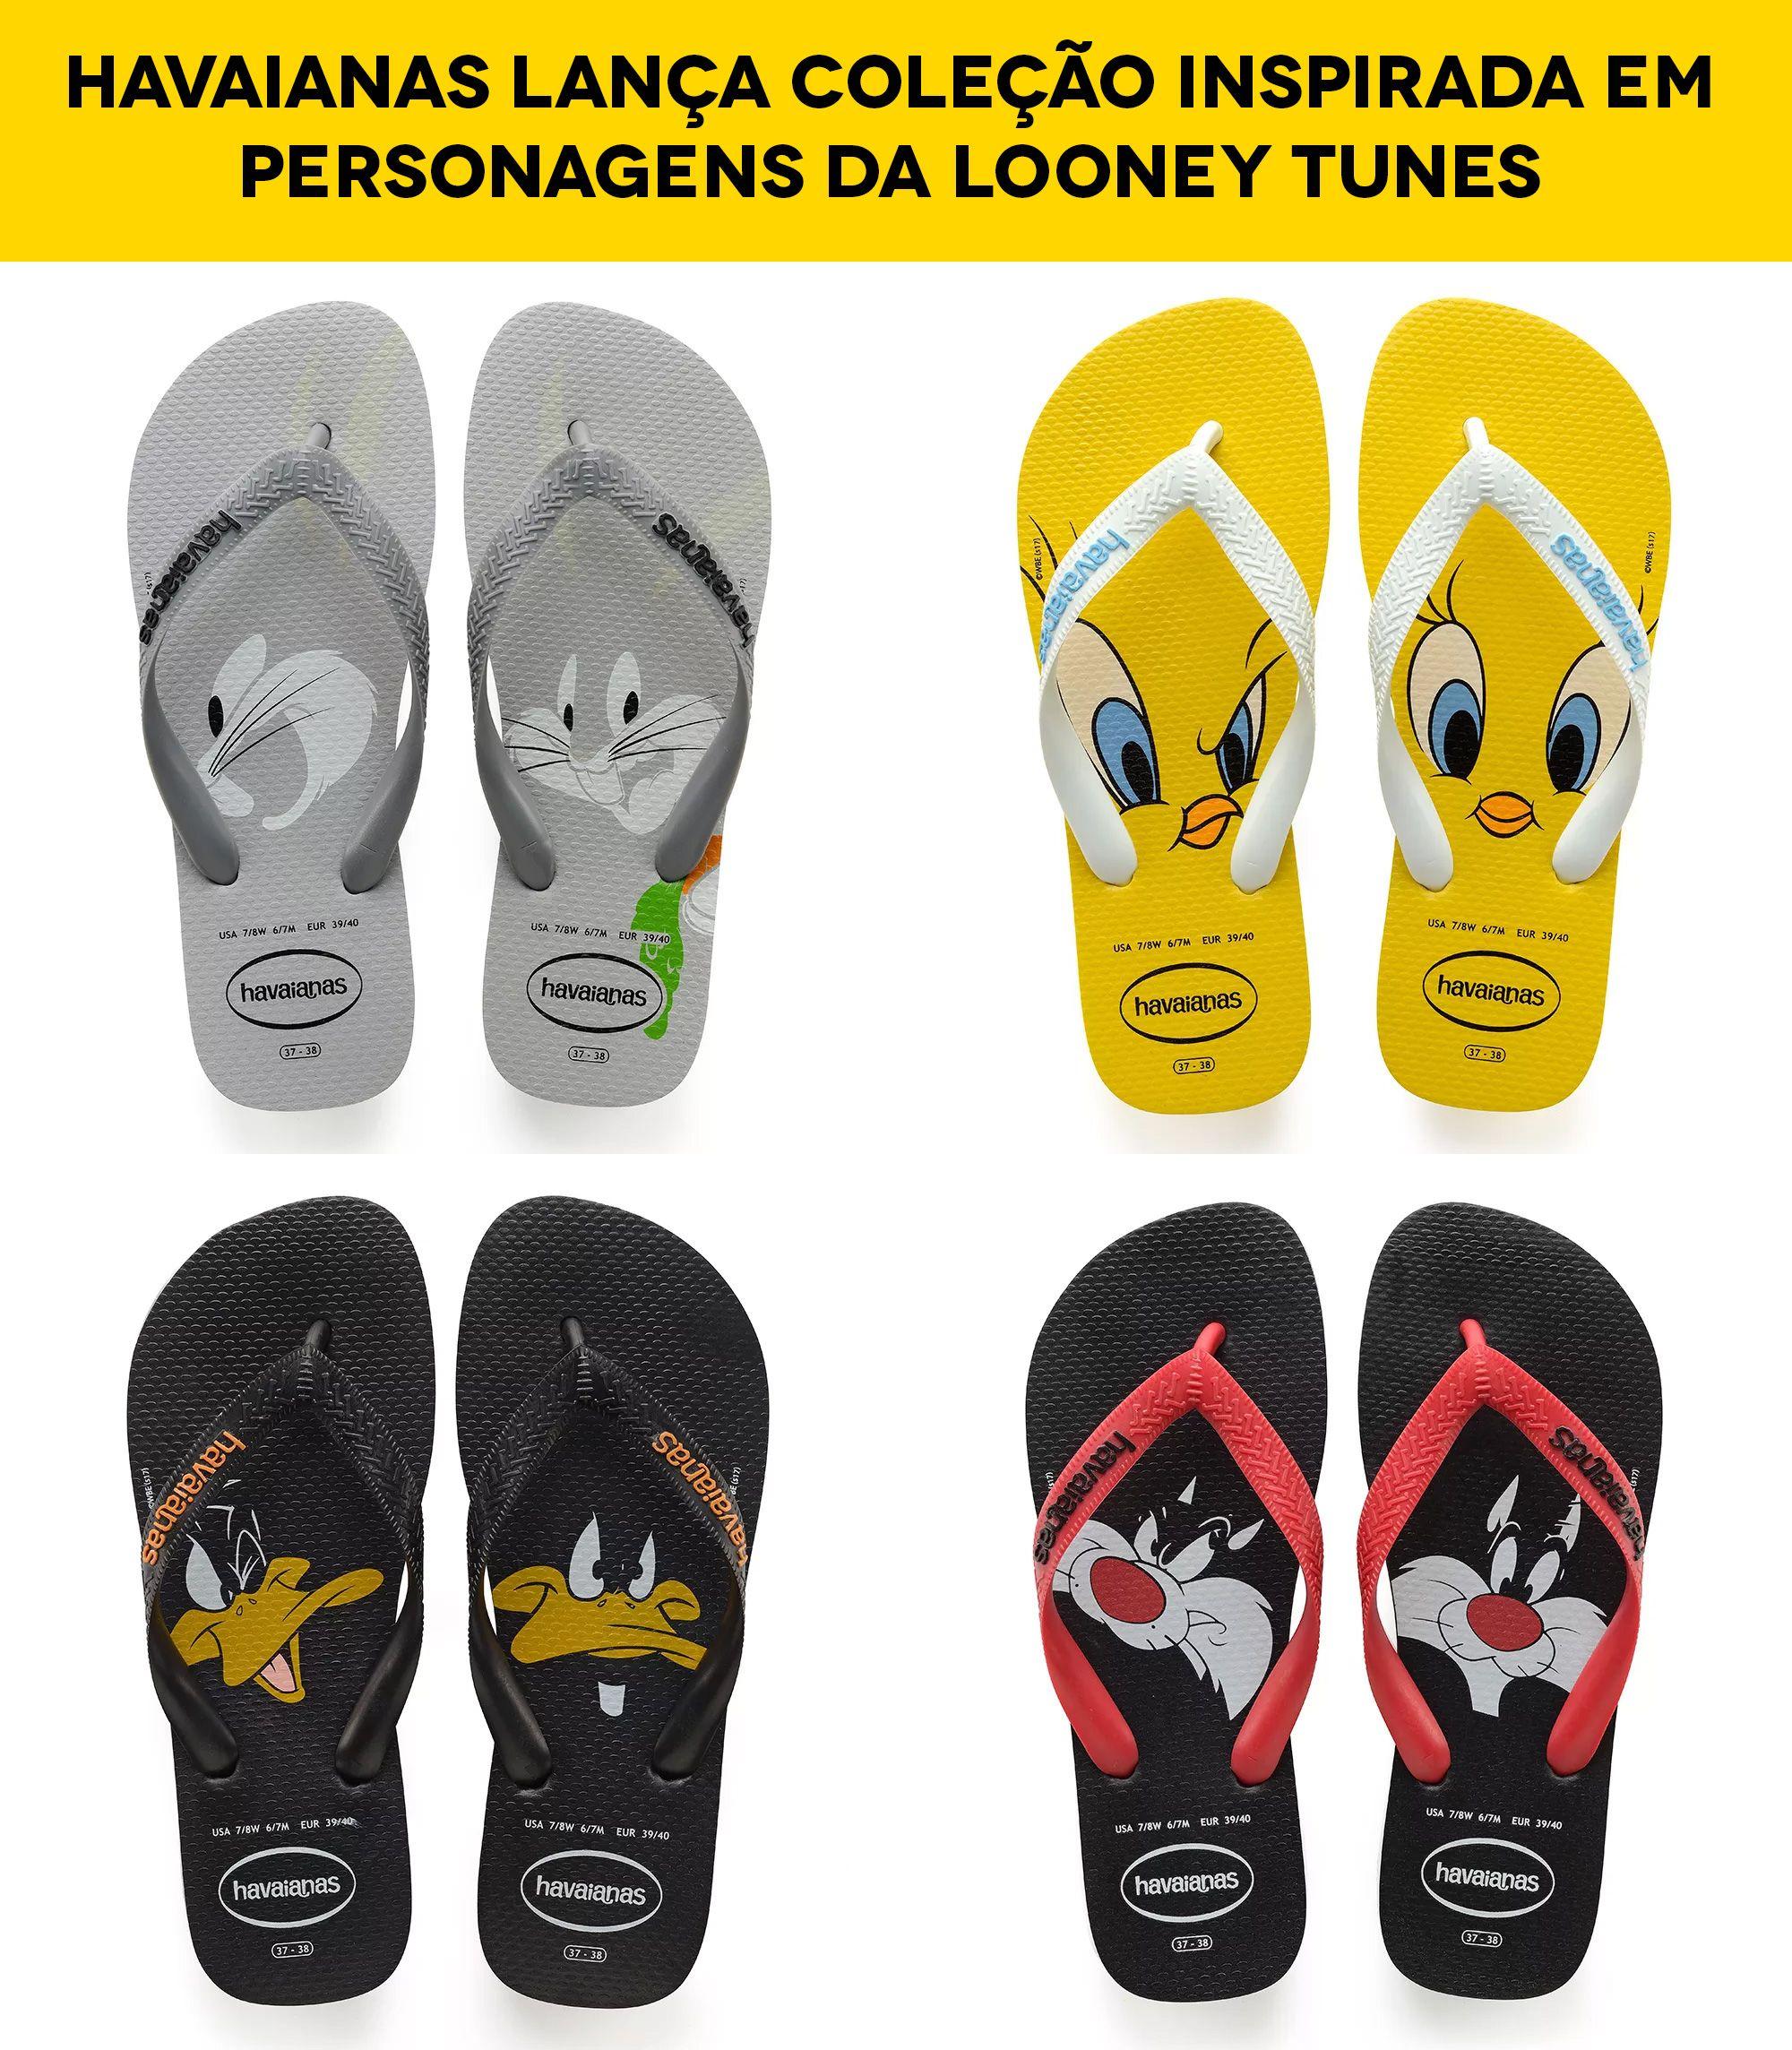 4db25c75a Nova coleção de sandálias da Havaianas aposta na irreverência dos  personagens da Looney Tunes como Pernalonga